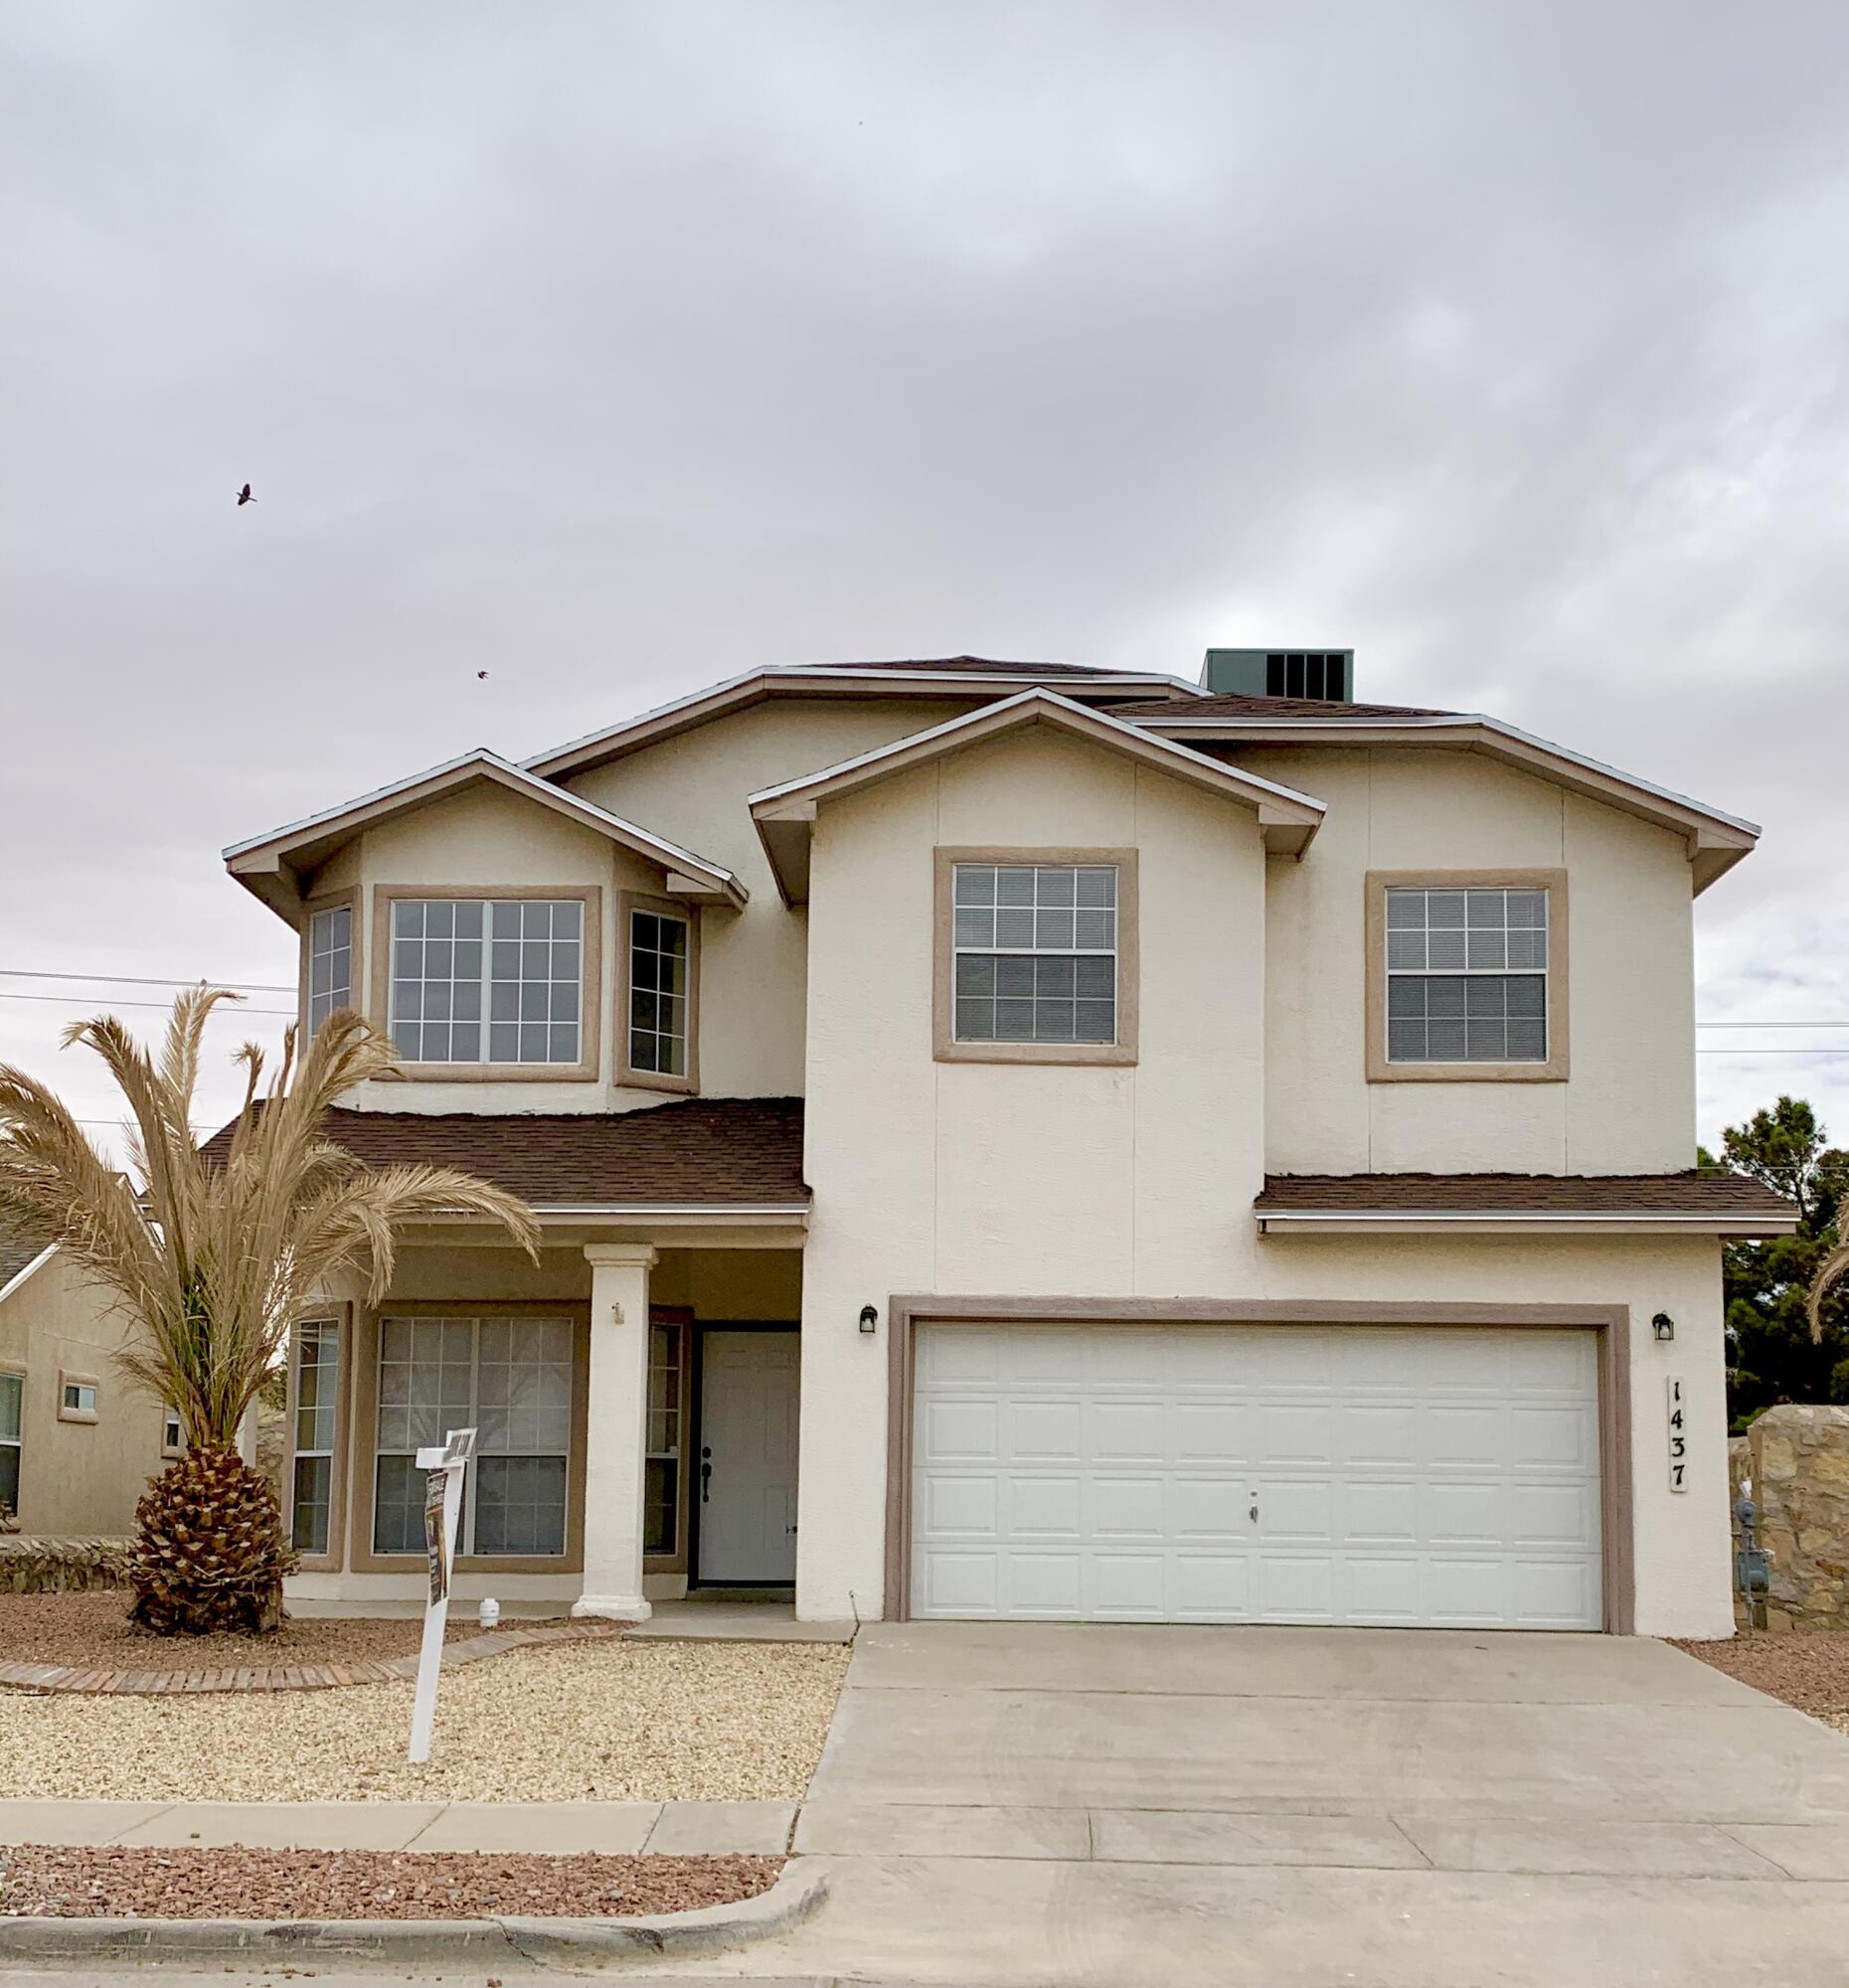 1437 LUZ DE SOL, El Paso, Texas 79912, 3 Bedrooms Bedrooms, ,3 BathroomsBathrooms,Residential,For sale,LUZ DE SOL,844323